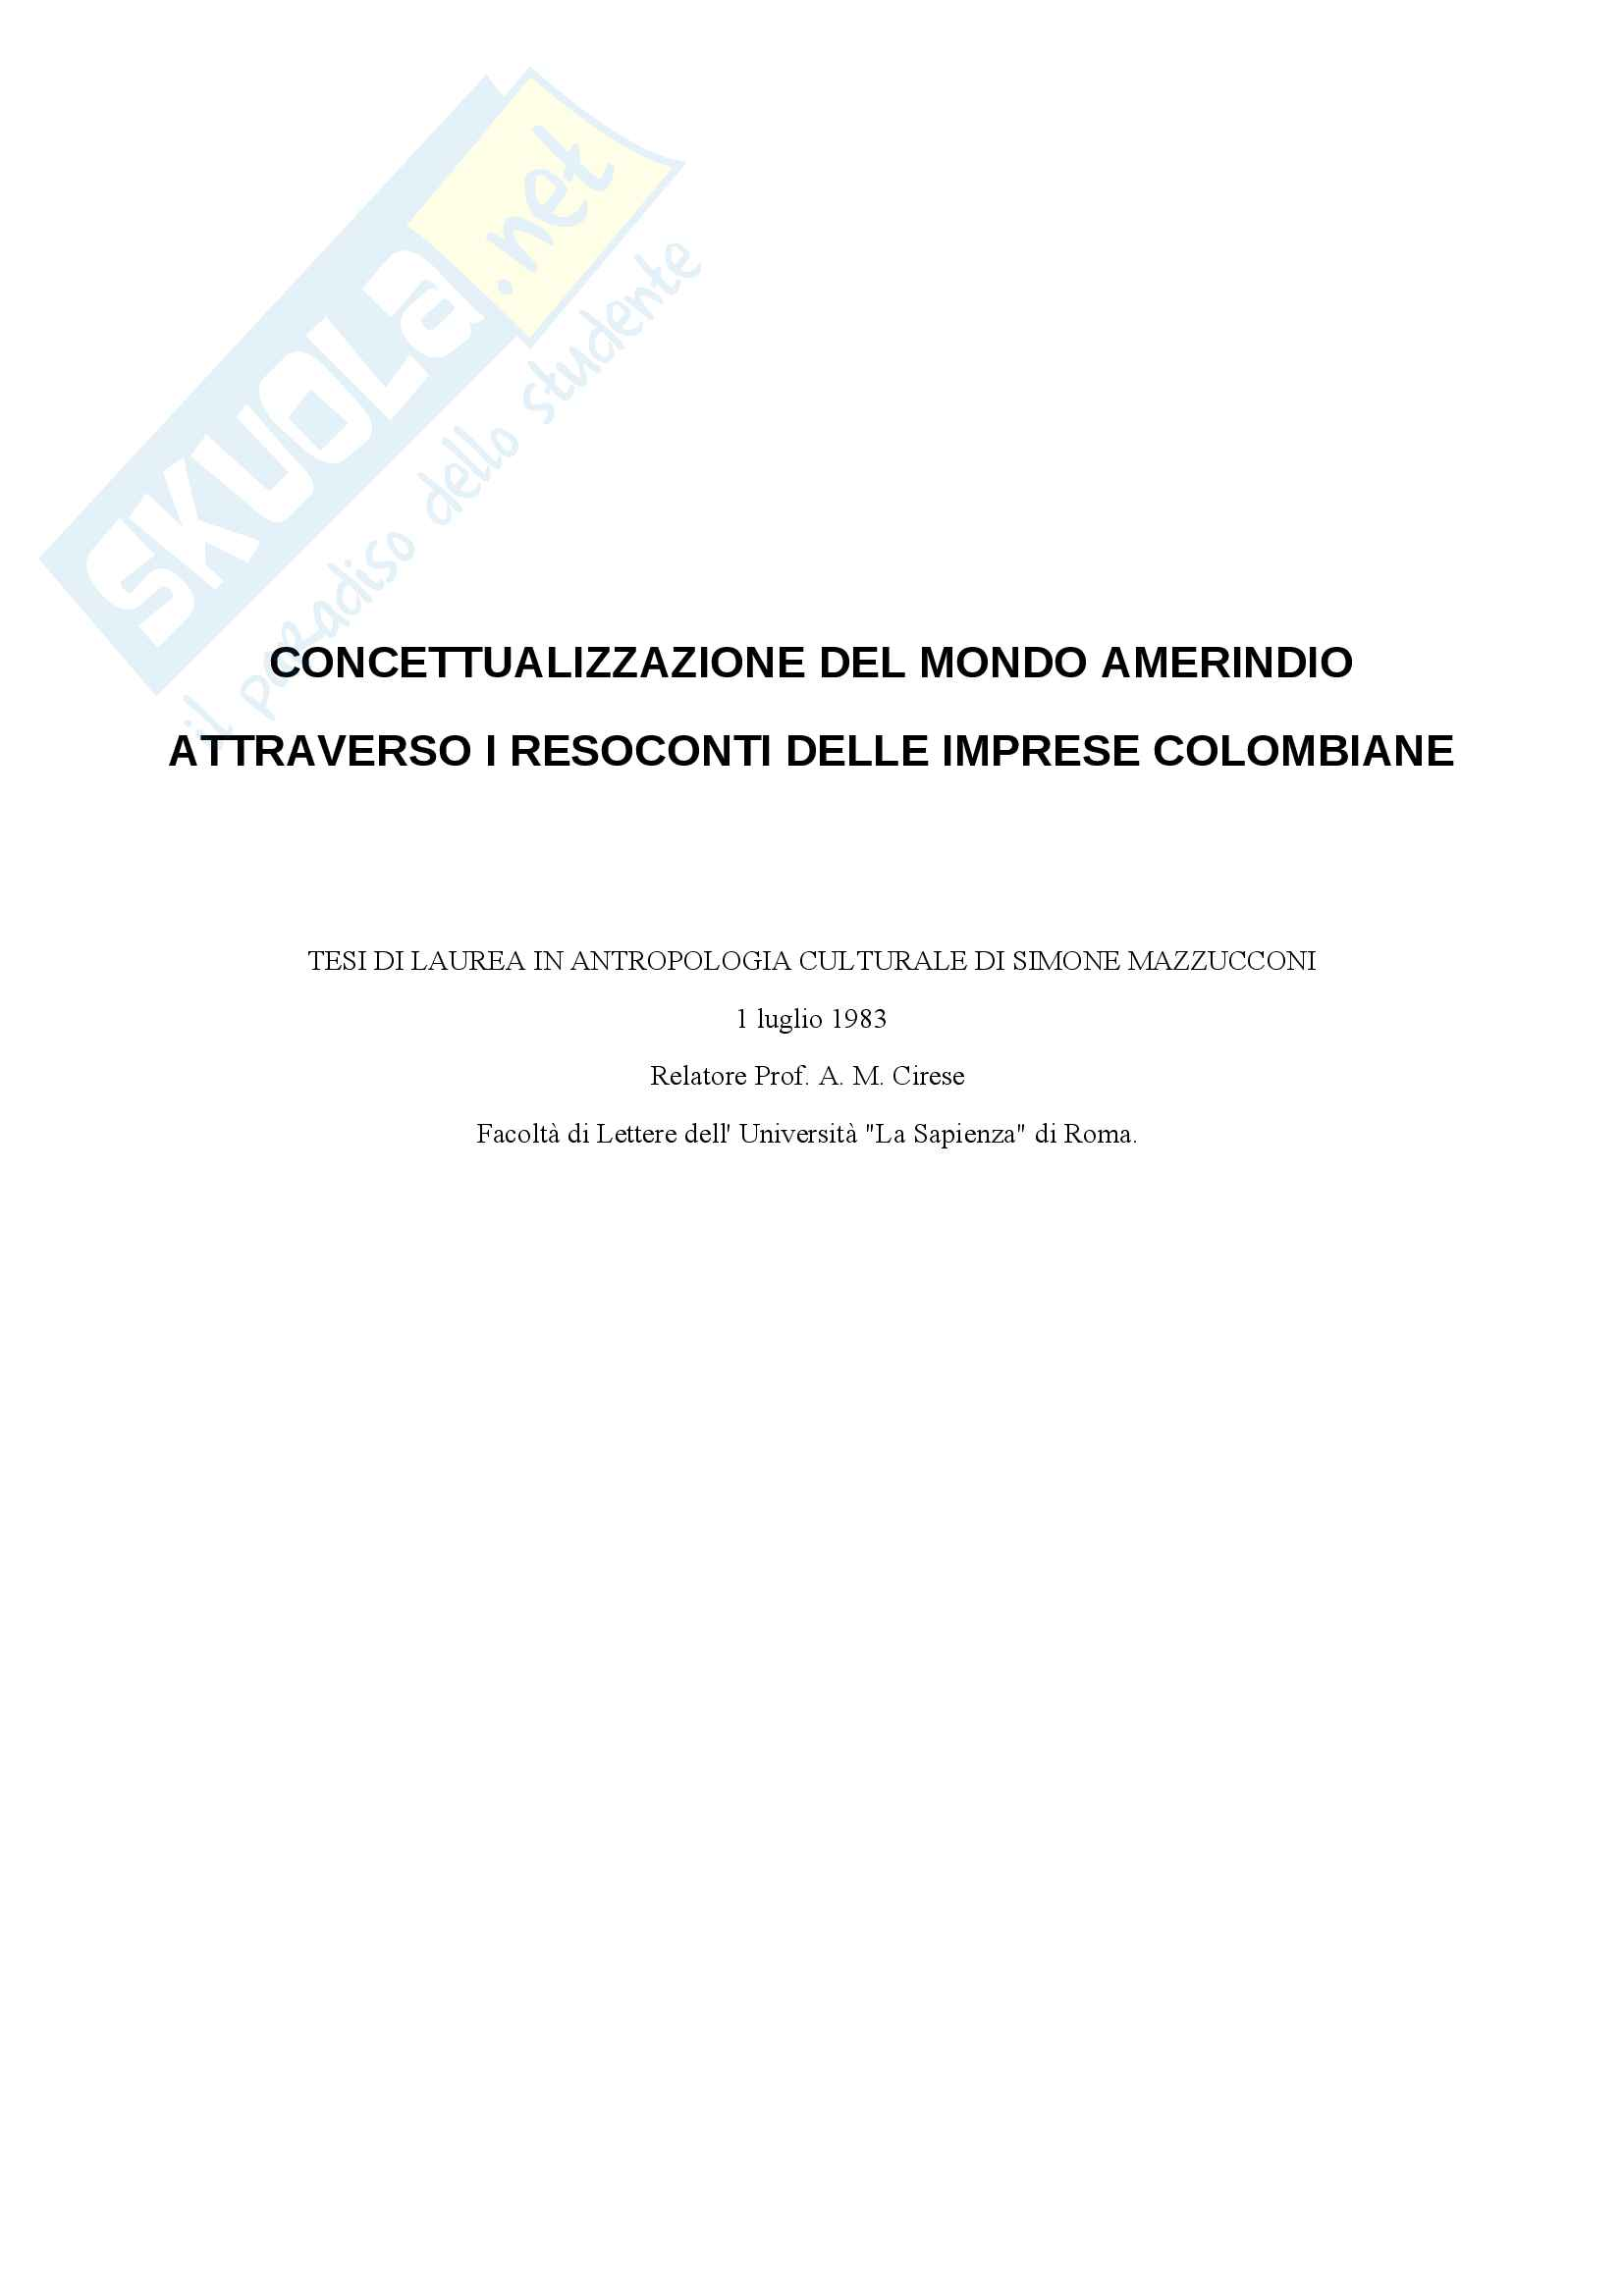 Concettualizzazione del mondo amerindio attraverso i resoconti delle imprese colombiane